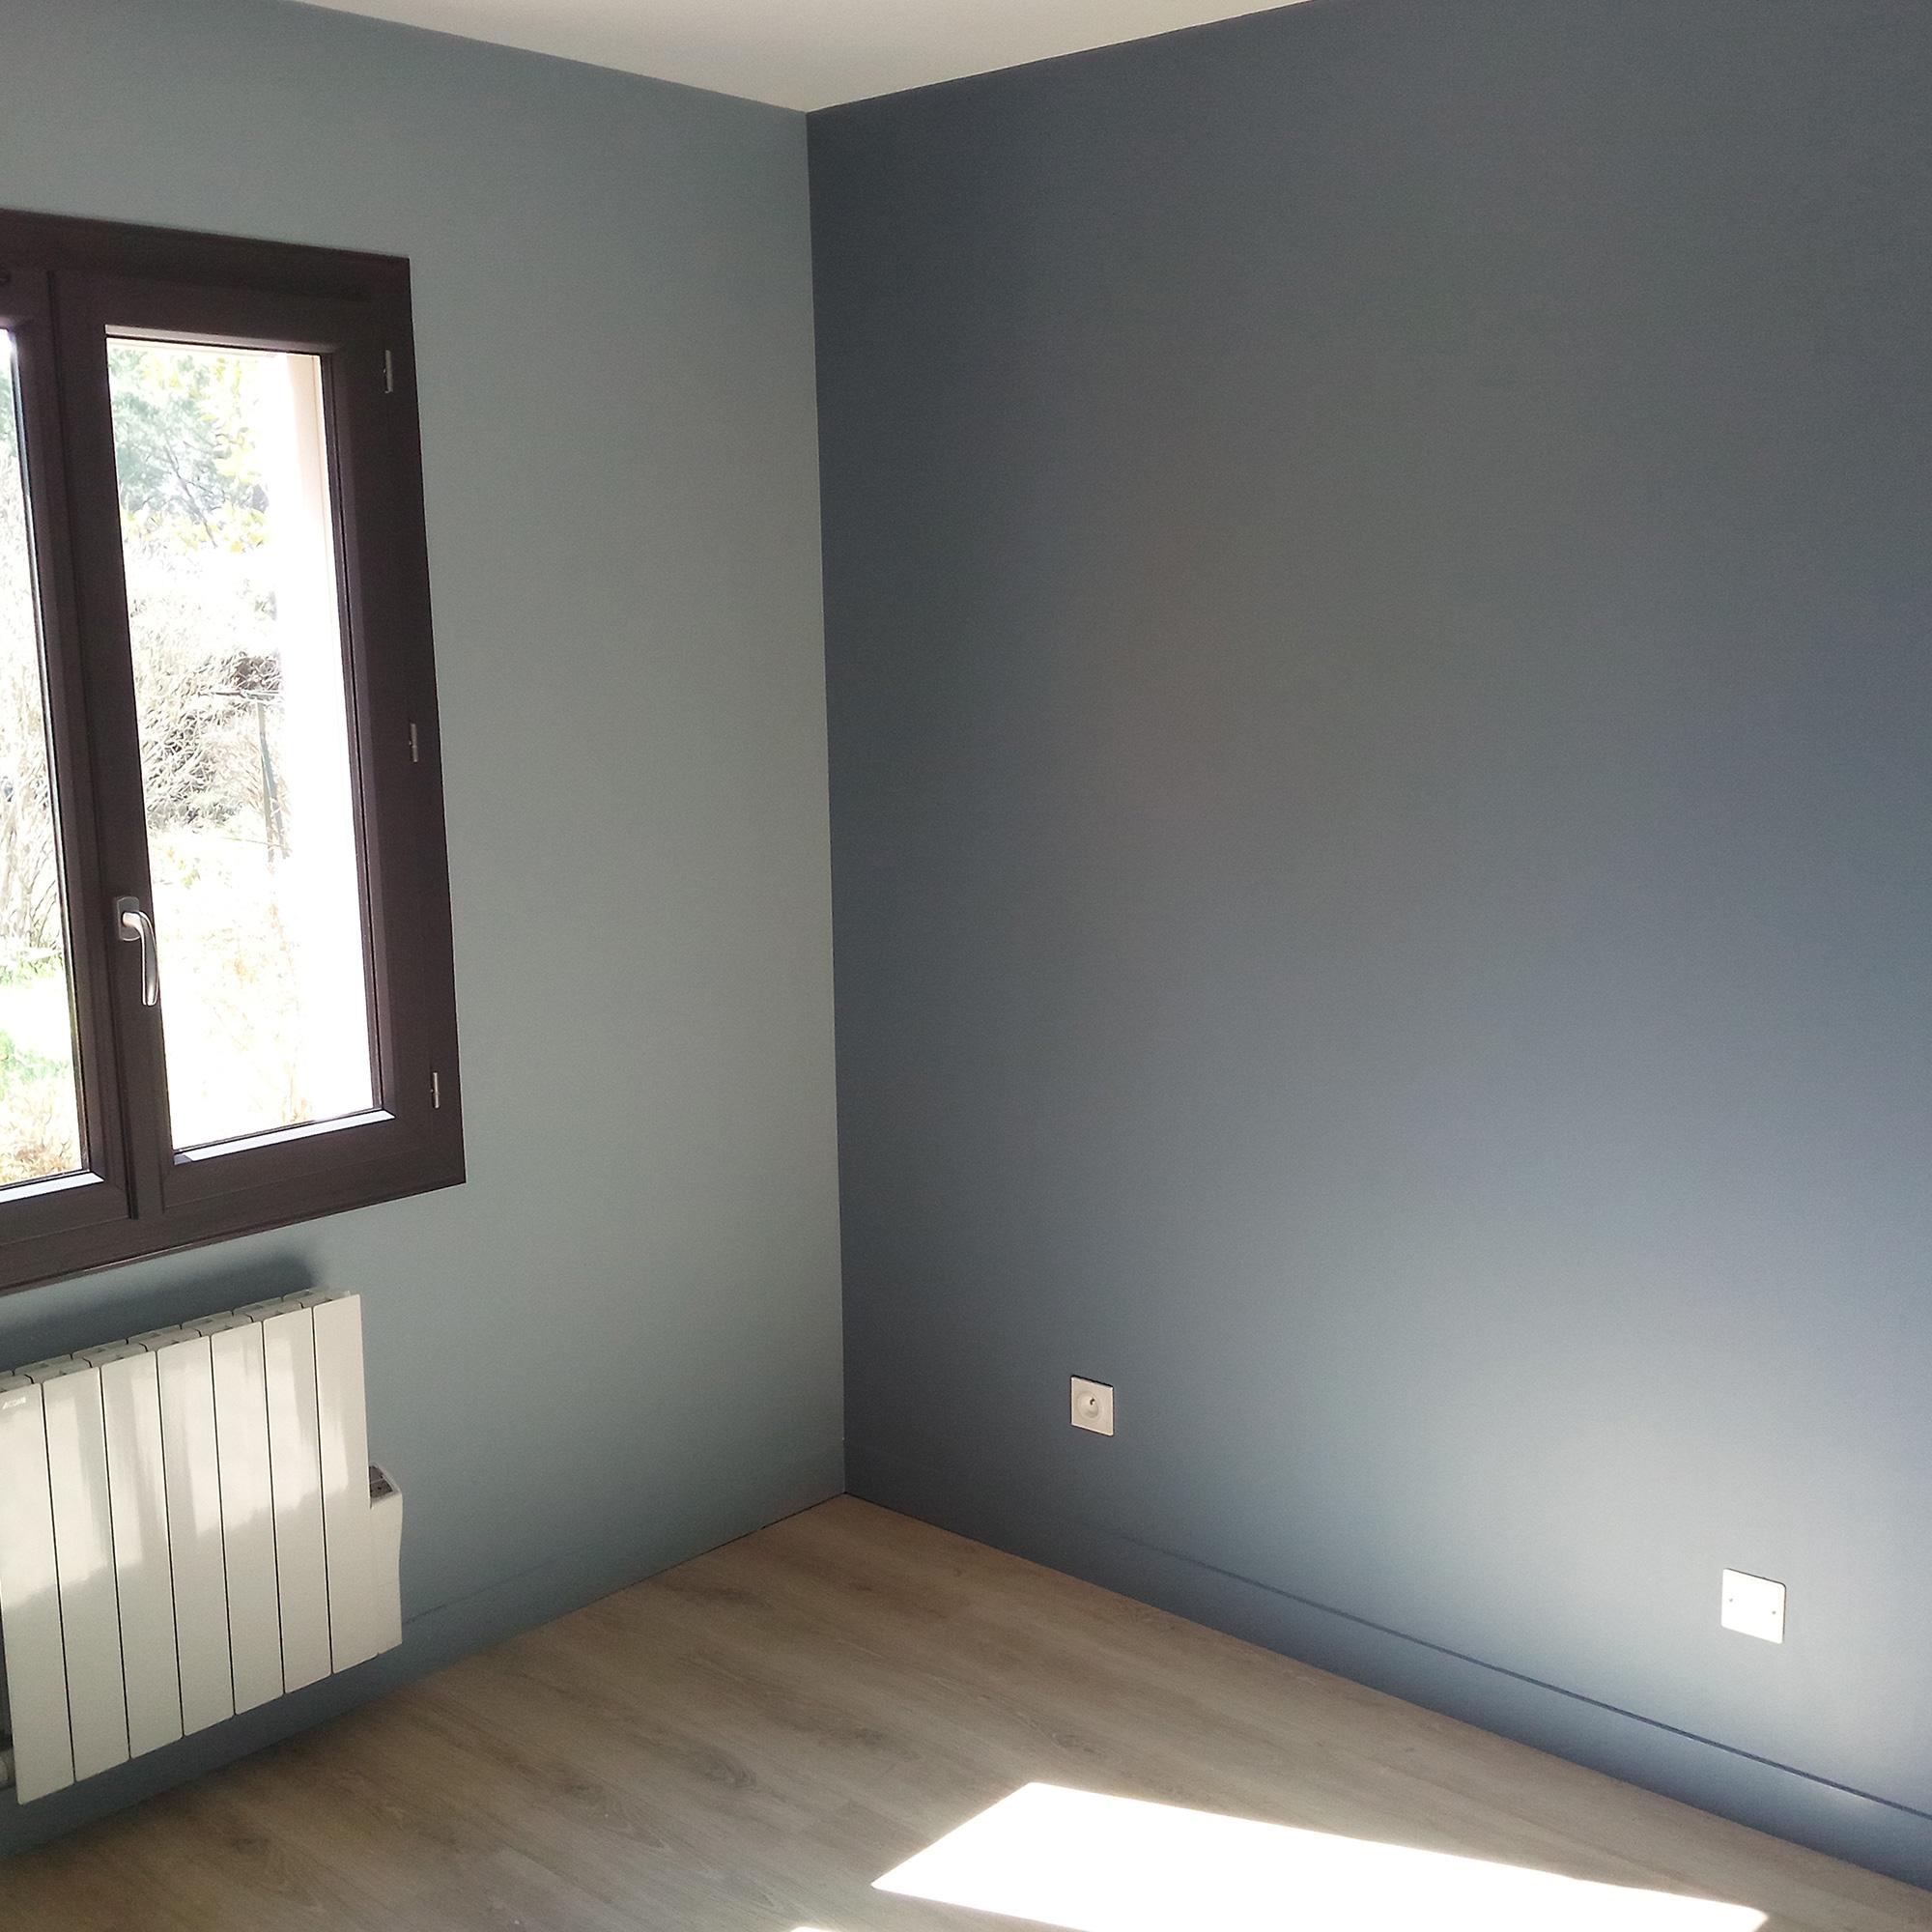 Peintures mates pour murs et plafonds